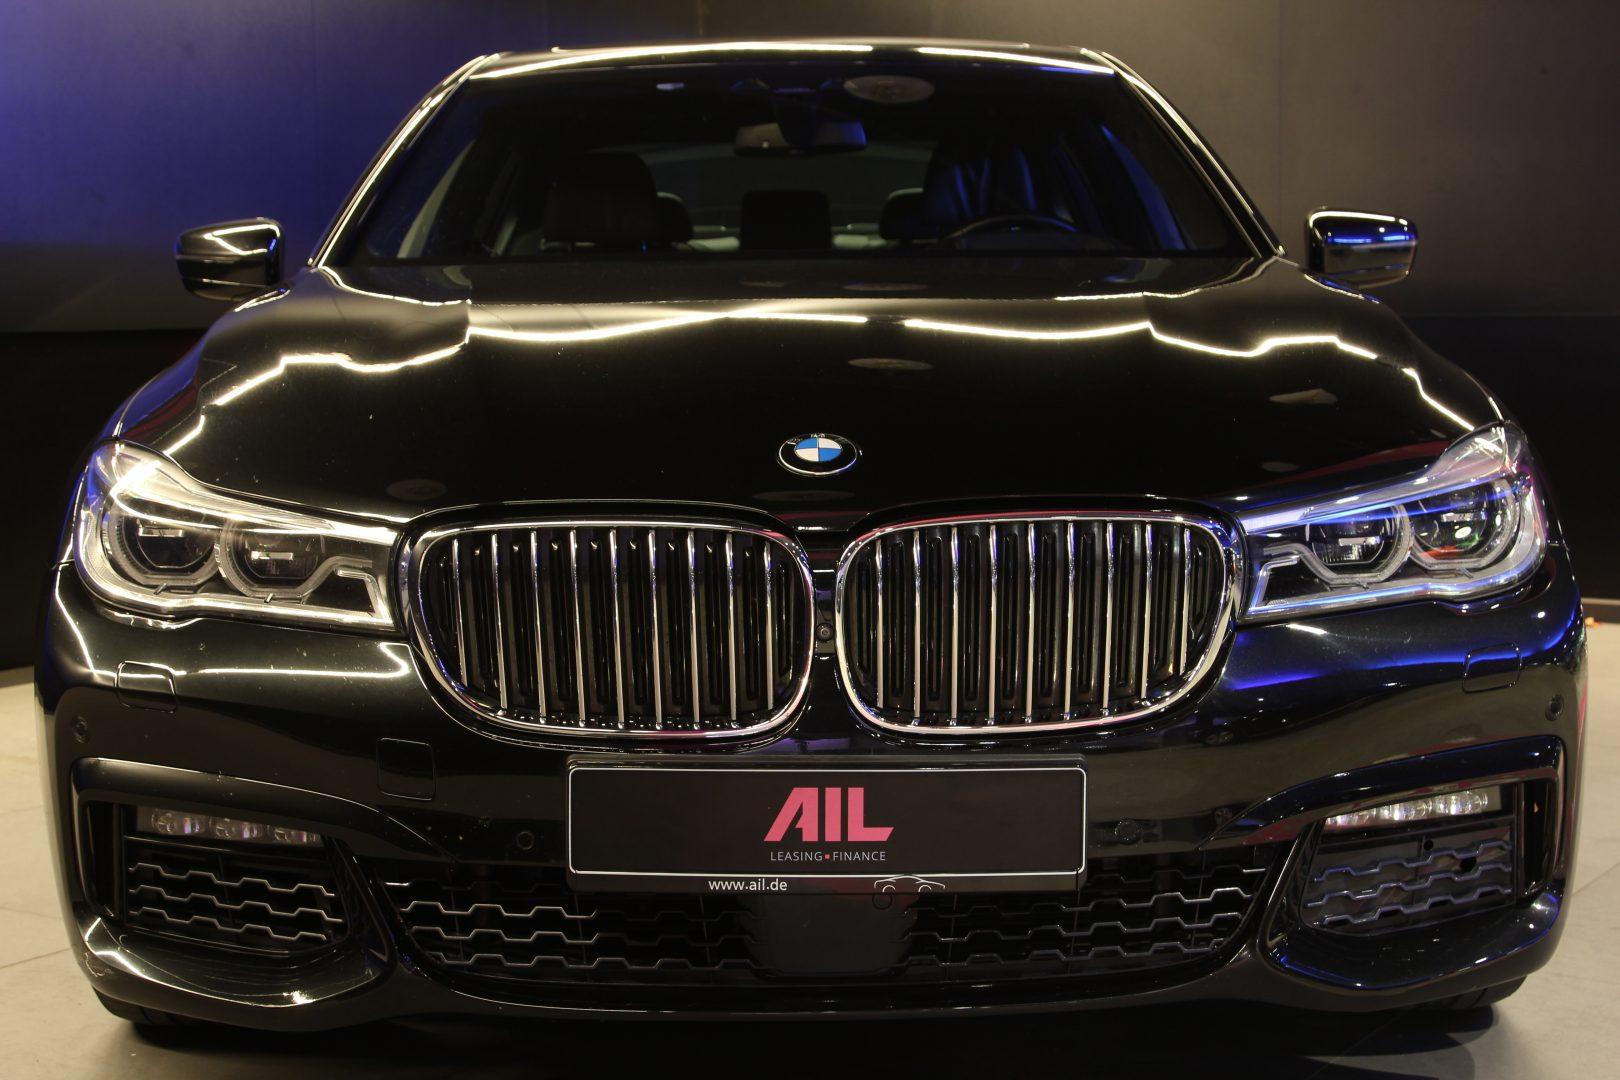 AIL BMW 750Ld xDrive M-Paket  7